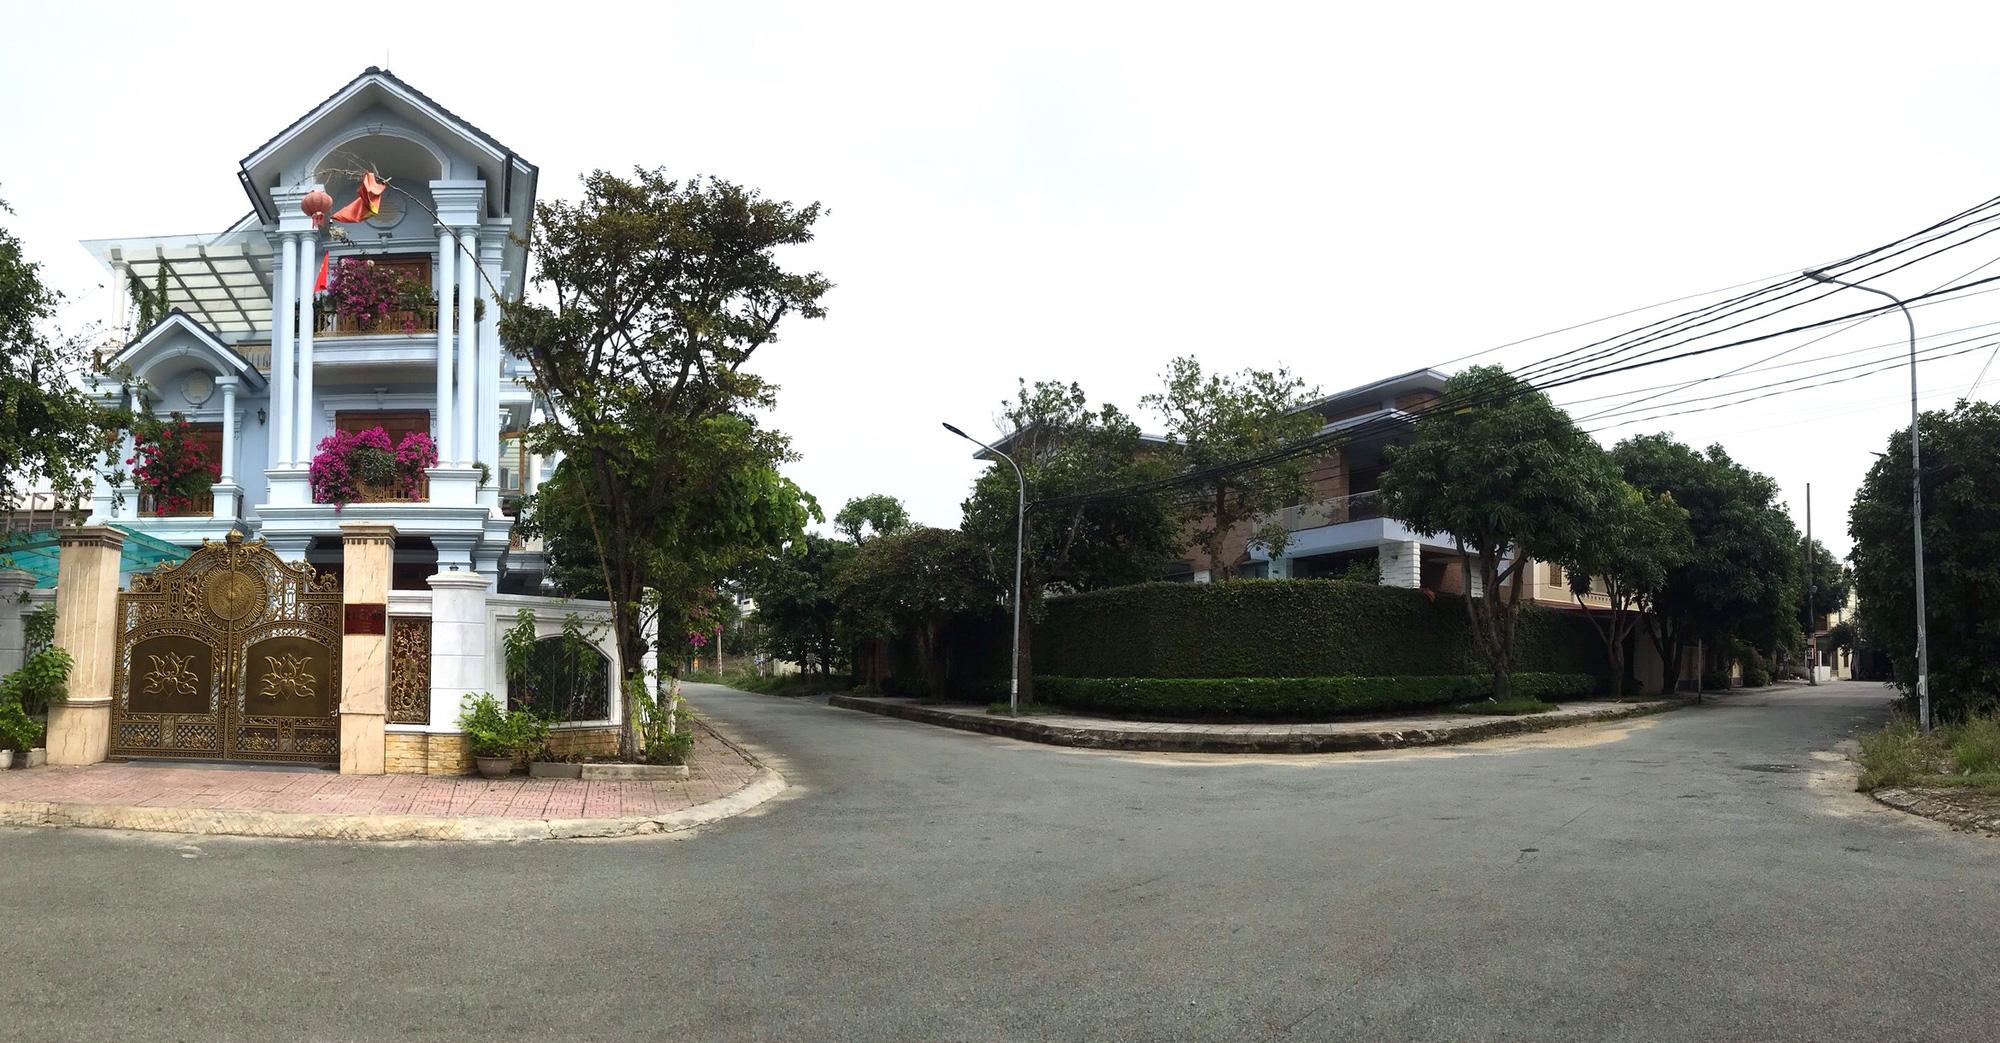 Cận cảnh khu đô thị vip ở Nghệ An khiến 2 vợ chồng đại gia bị bắt giam - Ảnh 3.